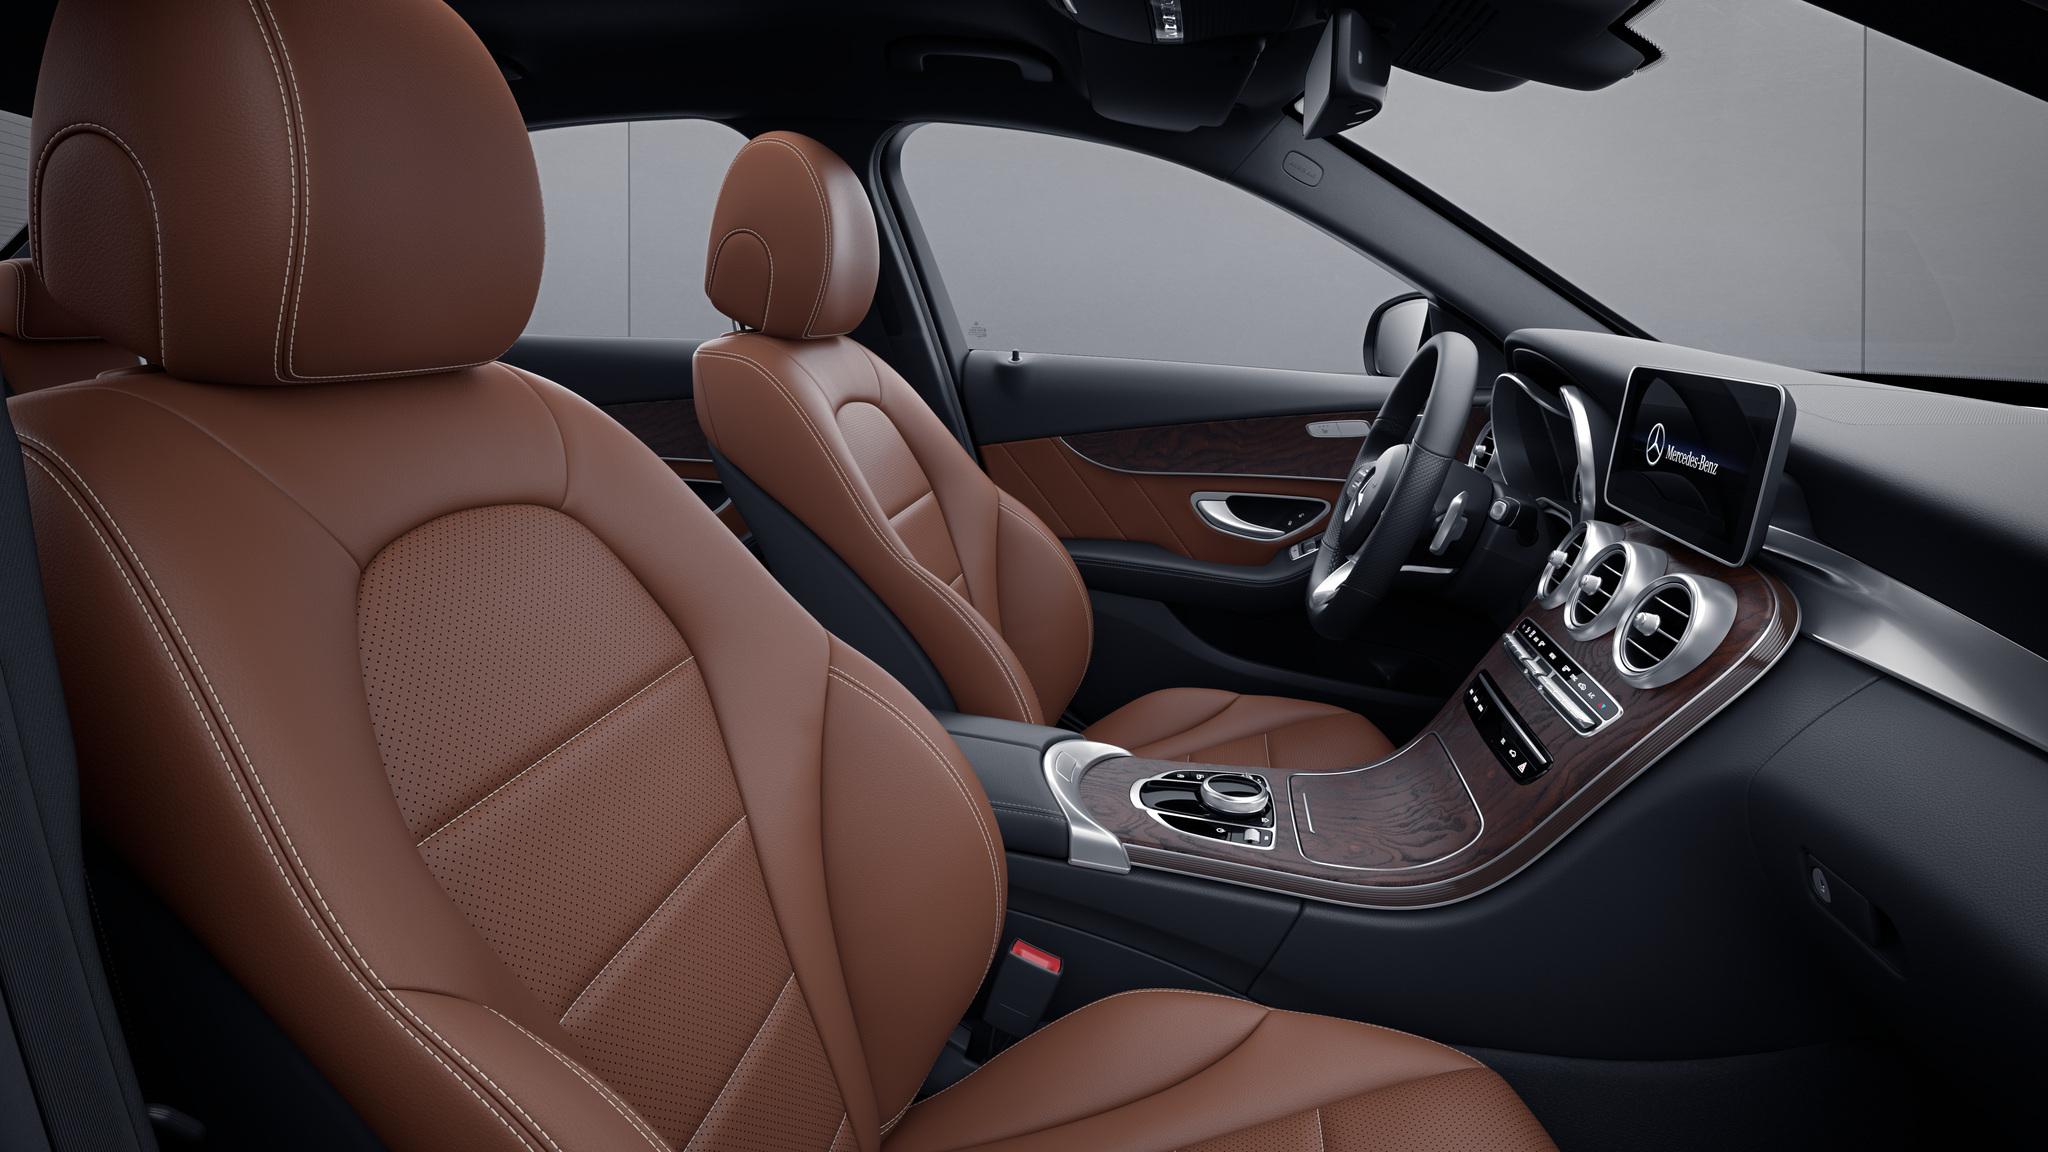 Habitacle de la Mercedes Classe C Berline avec une Sellerie Similicuir Artico - marron cuir noir